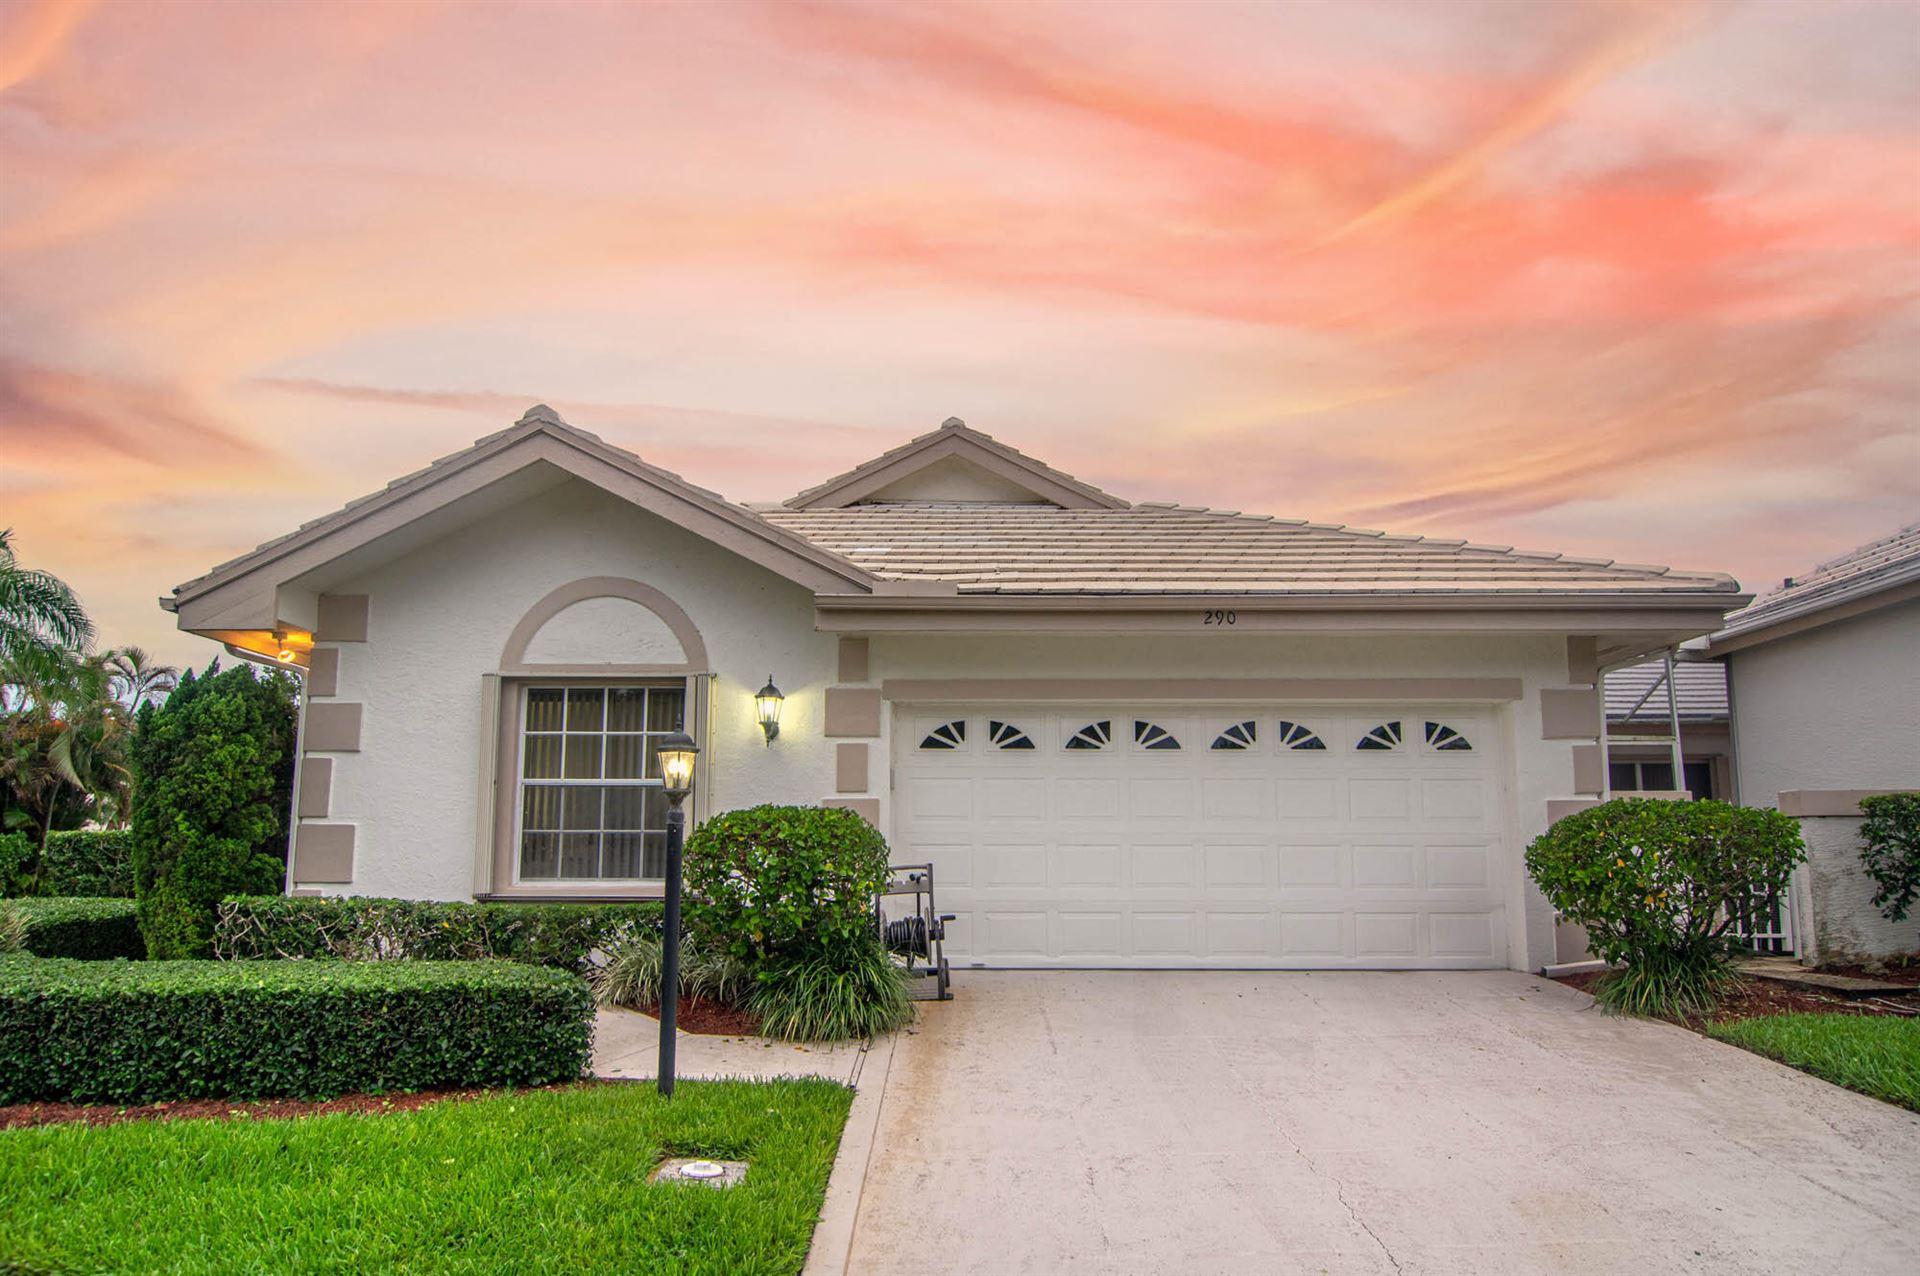 Photo of 290 Canterbury Drive E, Palm Beach Gardens, FL 33418 (MLS # RX-10726119)